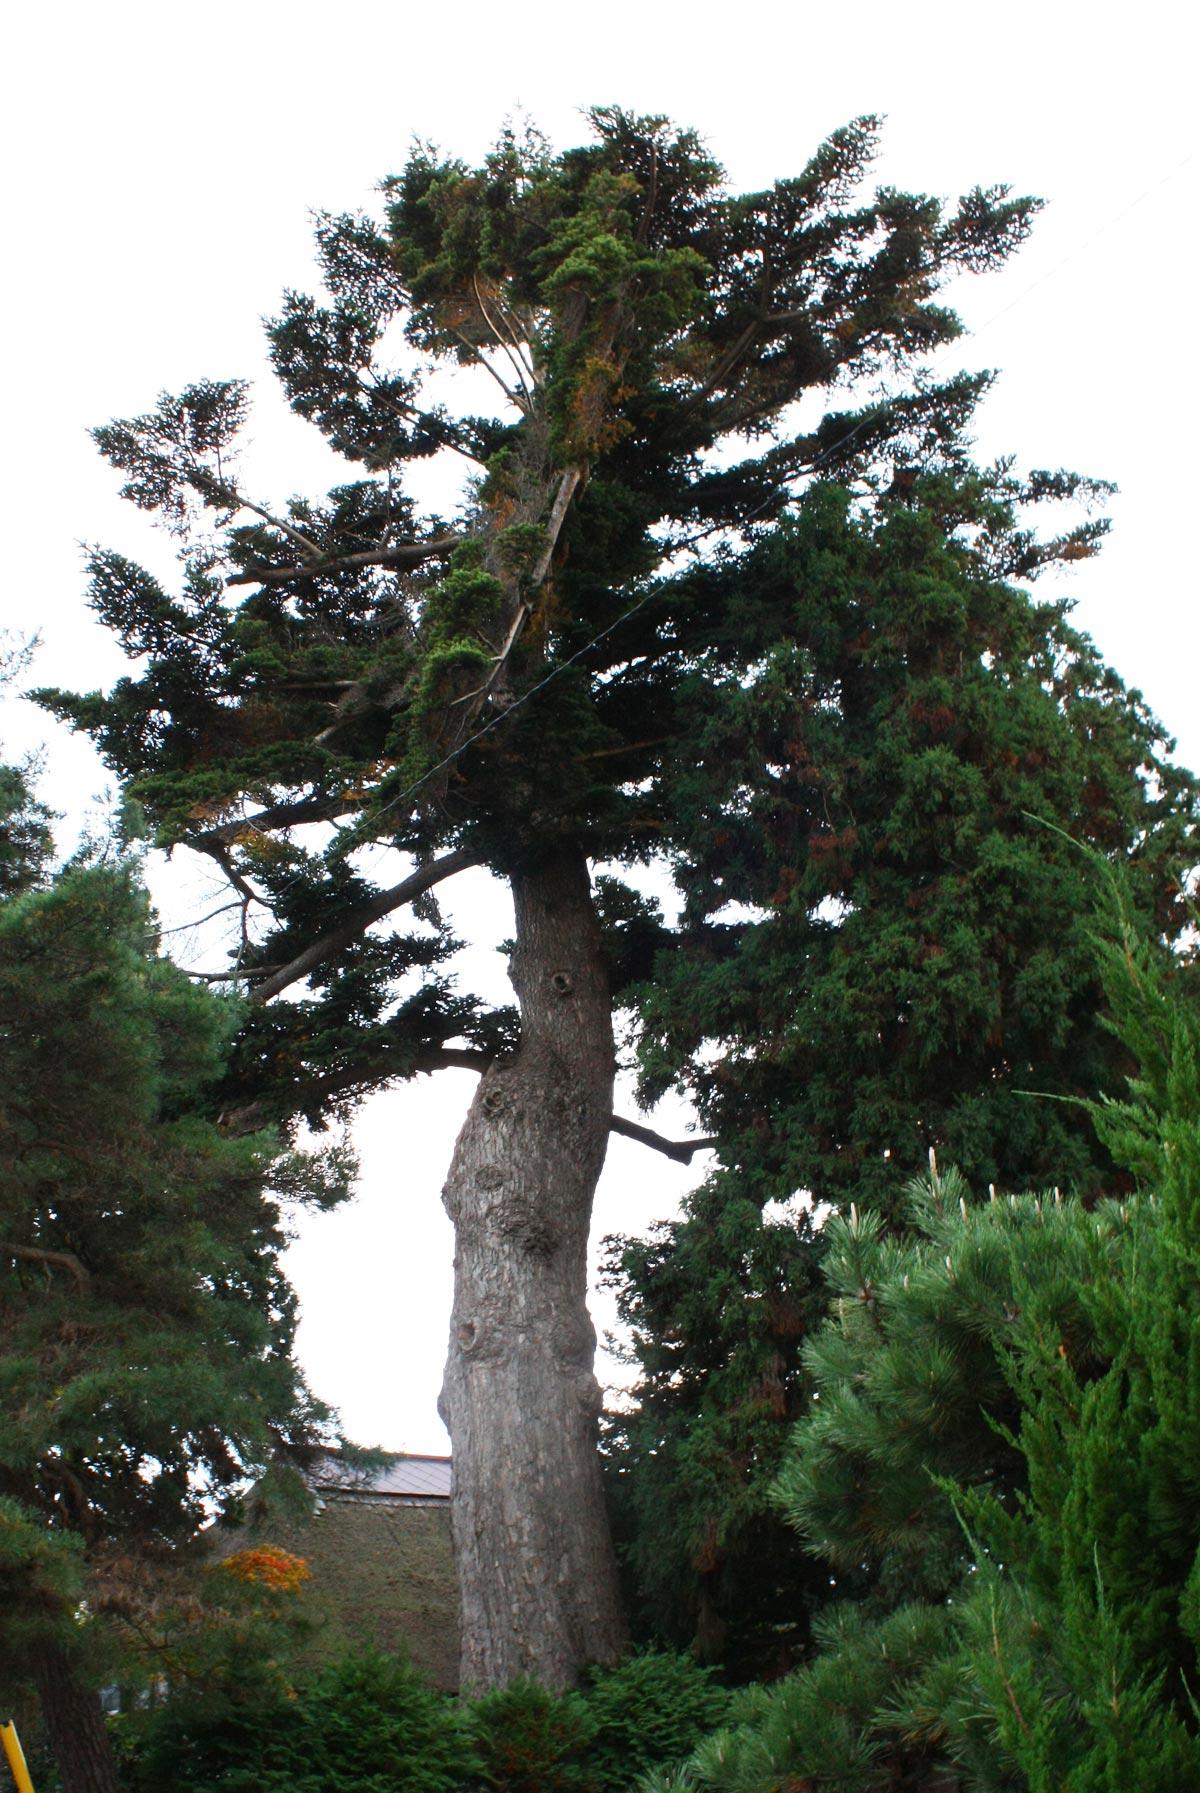 推定樹齢は350年・樹高約30mのモミの木